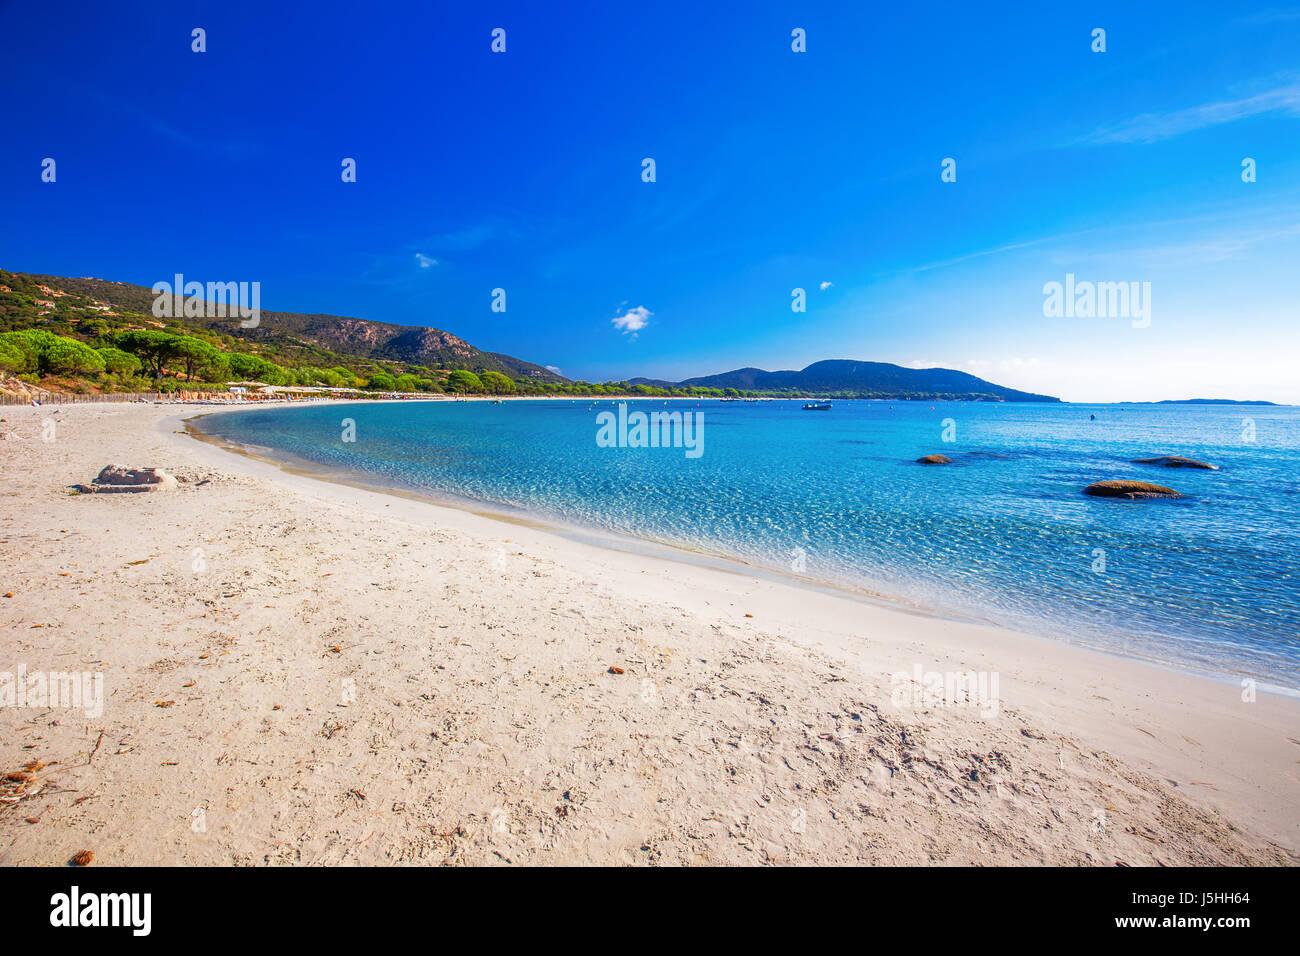 Pinien am Strand von Palombaggia mit Azure klares Wasser und Sandstrand im Süden von Korsika, Frankreich Stockbild